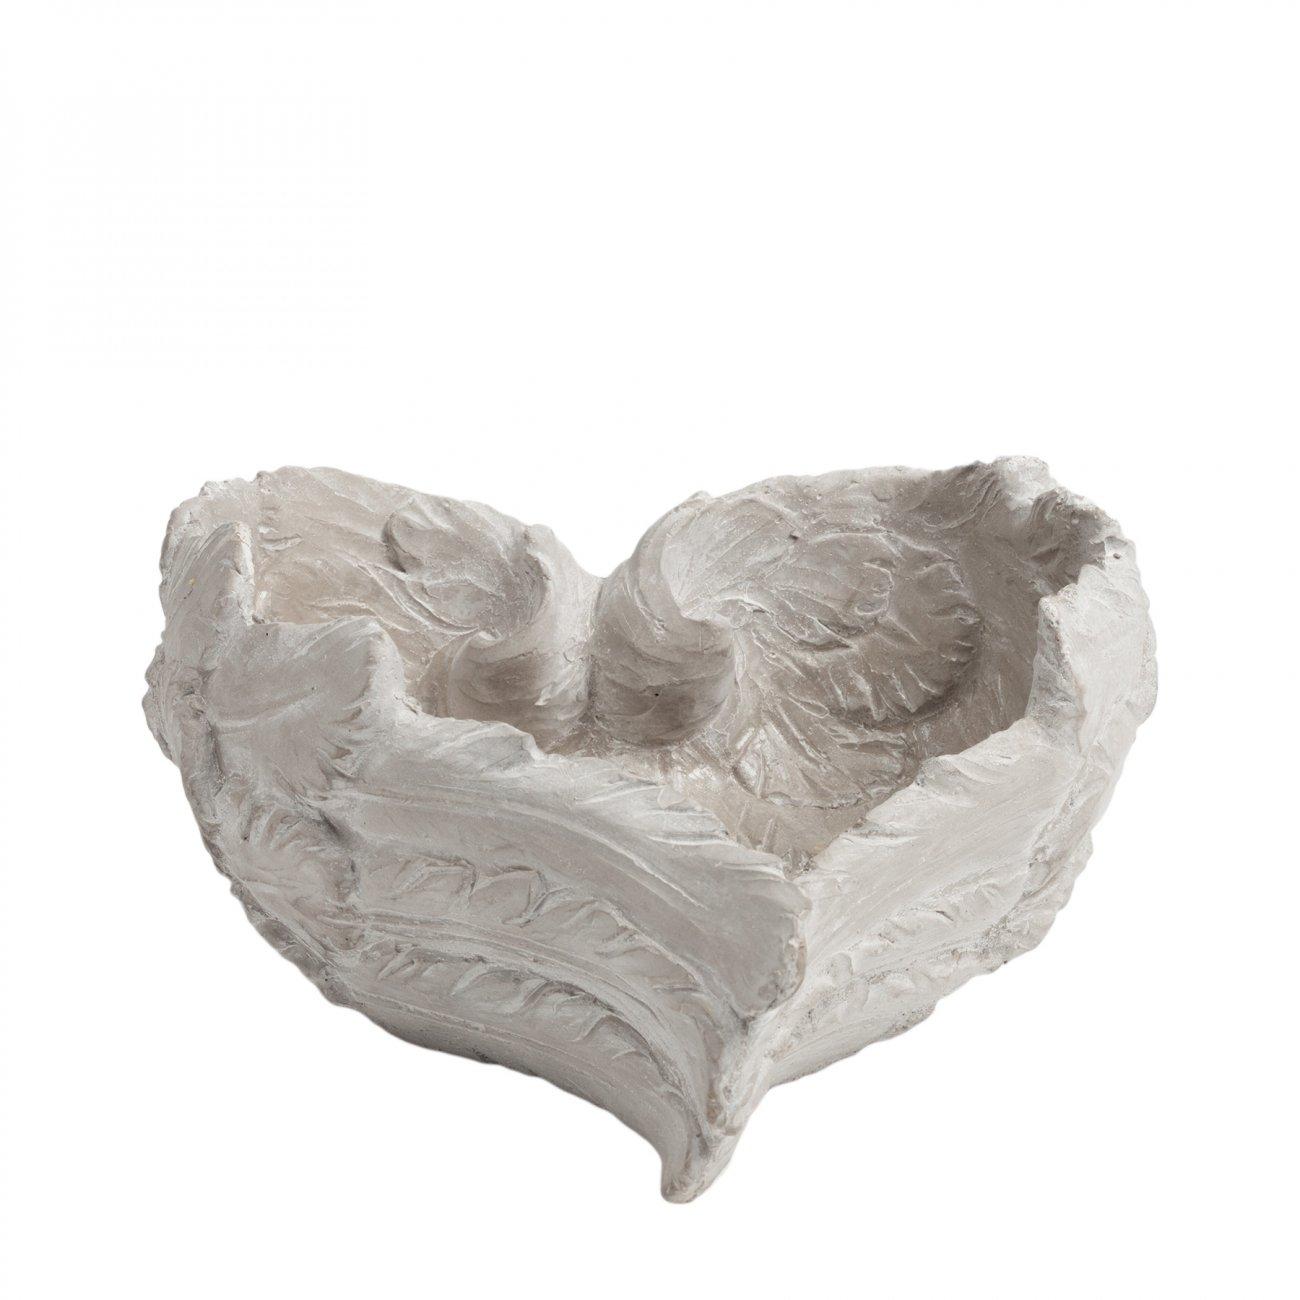 Купить Декоративное блюдо Amur Большое в интернет магазине дизайнерской мебели и аксессуаров для дома и дачи